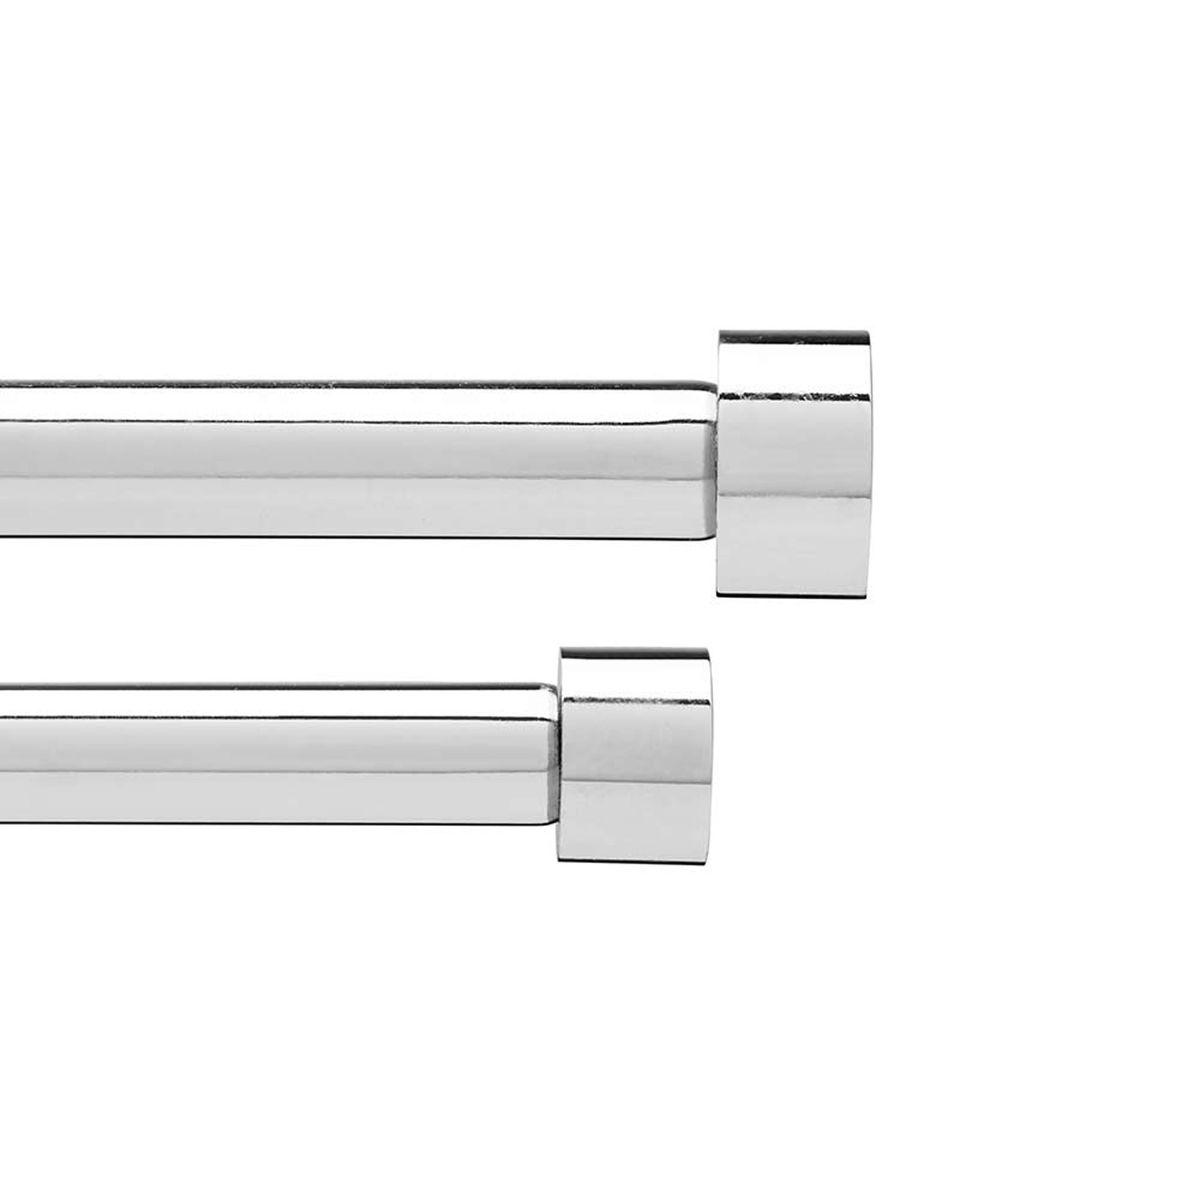 Карниз Umbra двойной Cappa (91-183 см) хром. 245963-158245963-158Двойной карниз для штор Cappa имеет телескопическую конструкцию, которая позволяет регулировать его длину, и металлические украшения в виде насадок по краям. Диаметр переднего карниза 1,9 см, заднего 1,6 см. Крепления идут в комплекте.